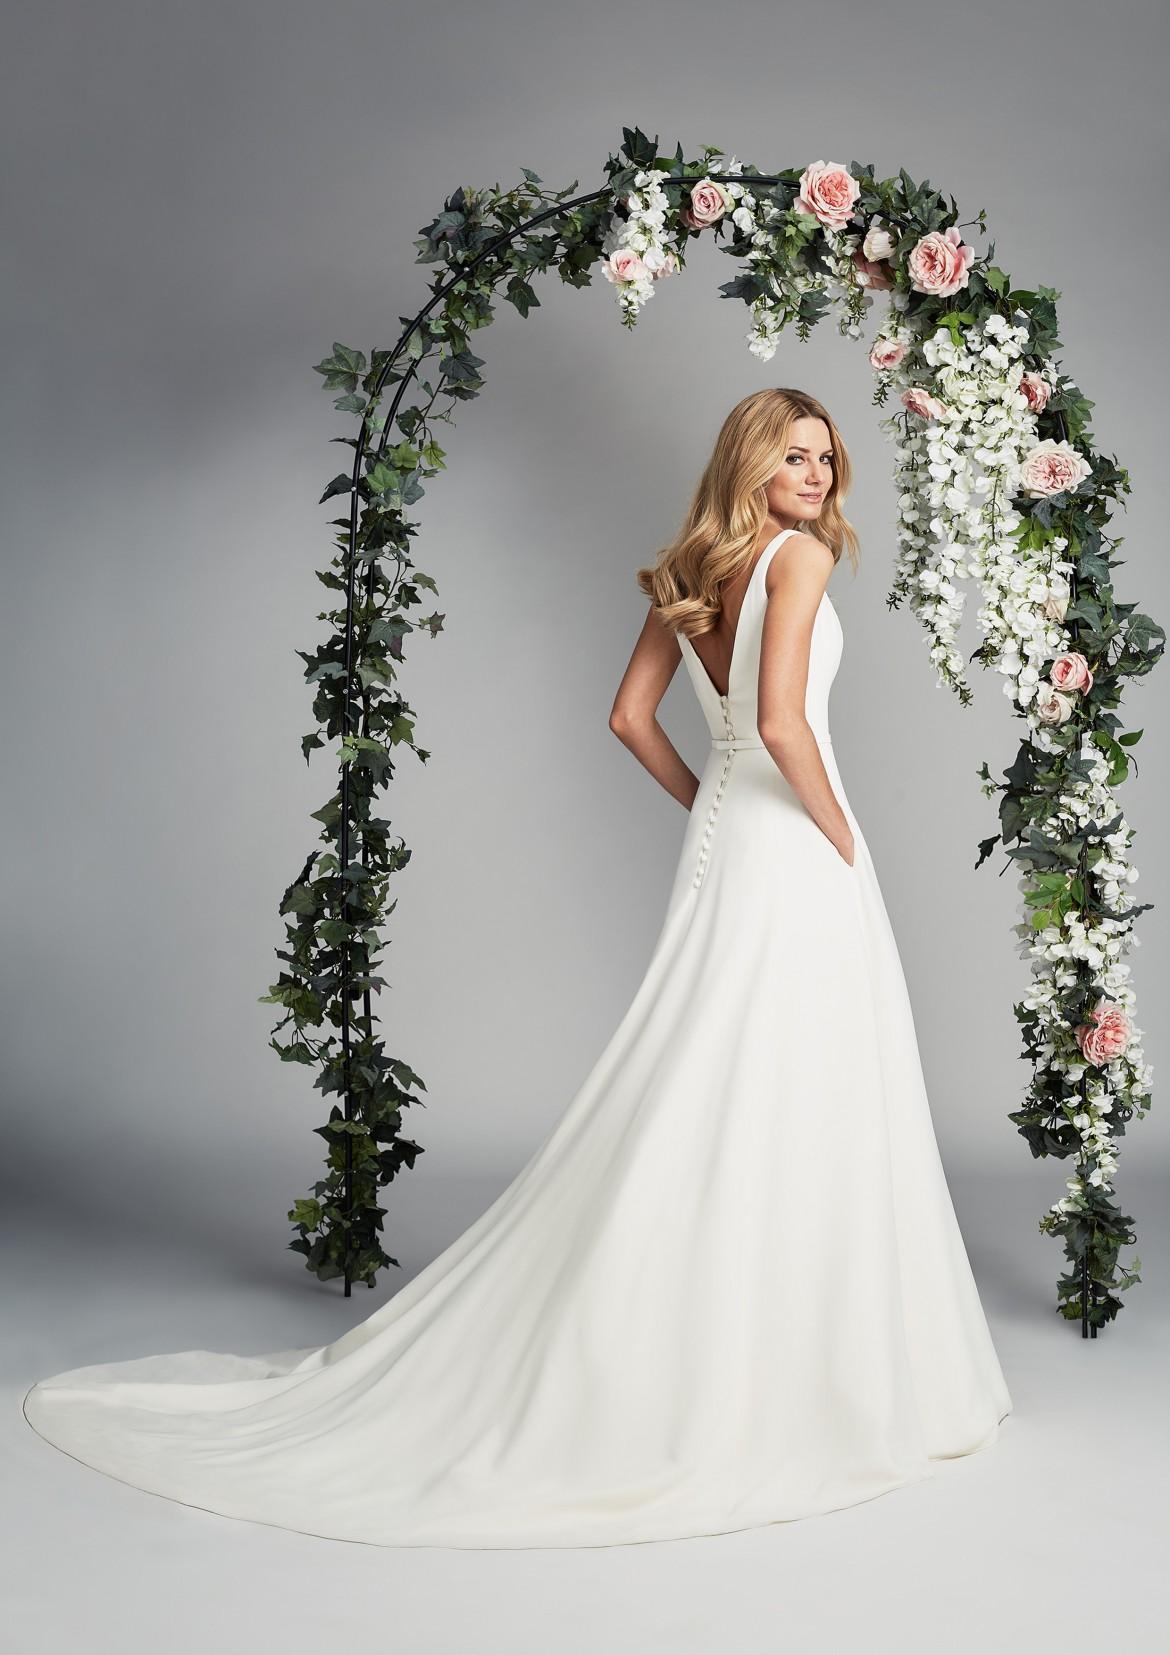 Lyla designer wedding gown by Caroline Castigliano